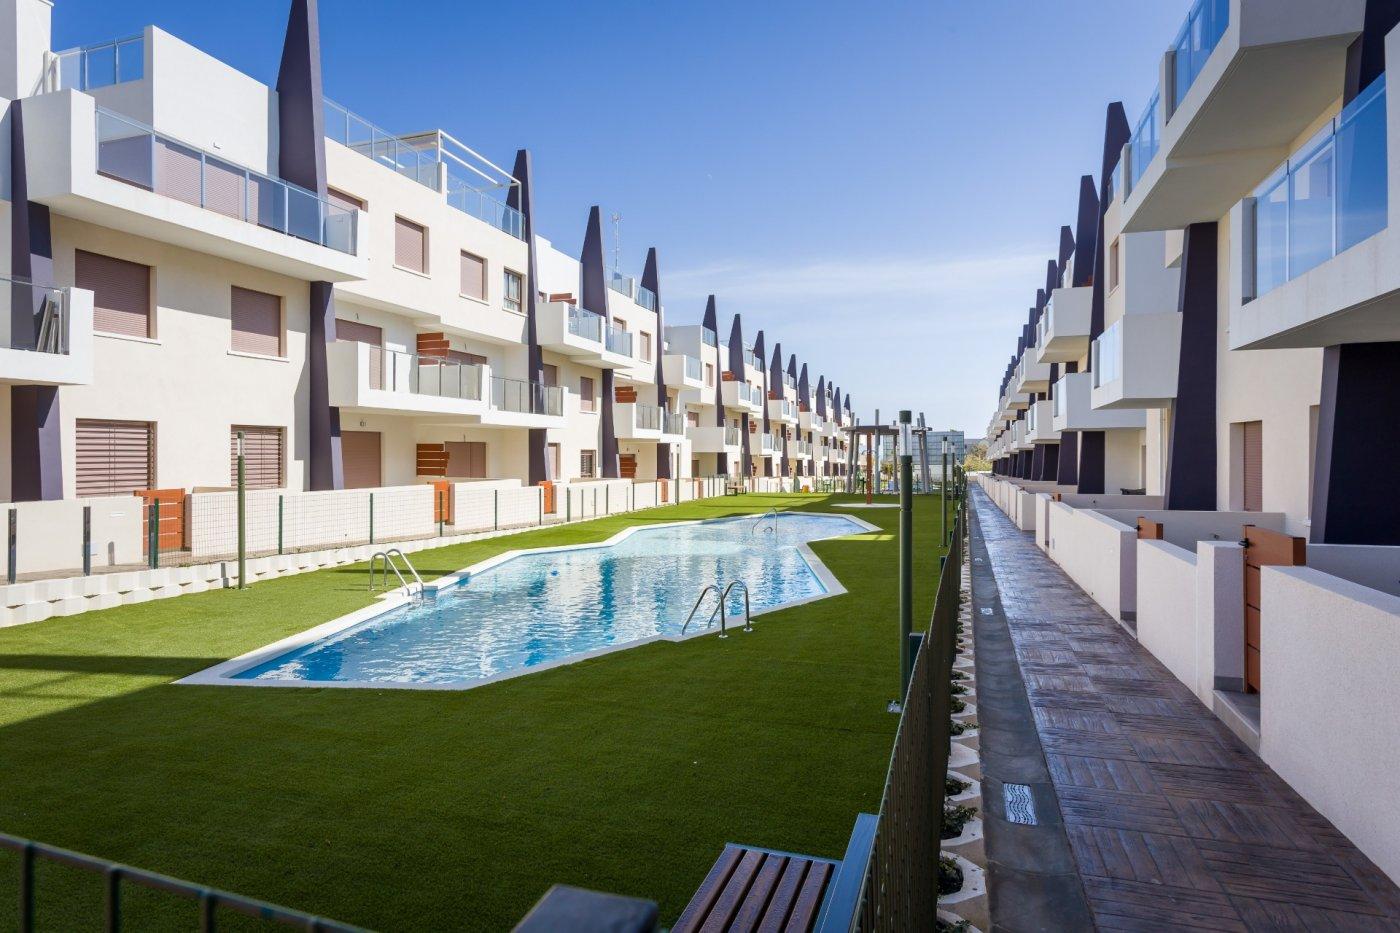 ground-floor en pilar-de-la-horadada · la-torre-de-la-horadada 230000€